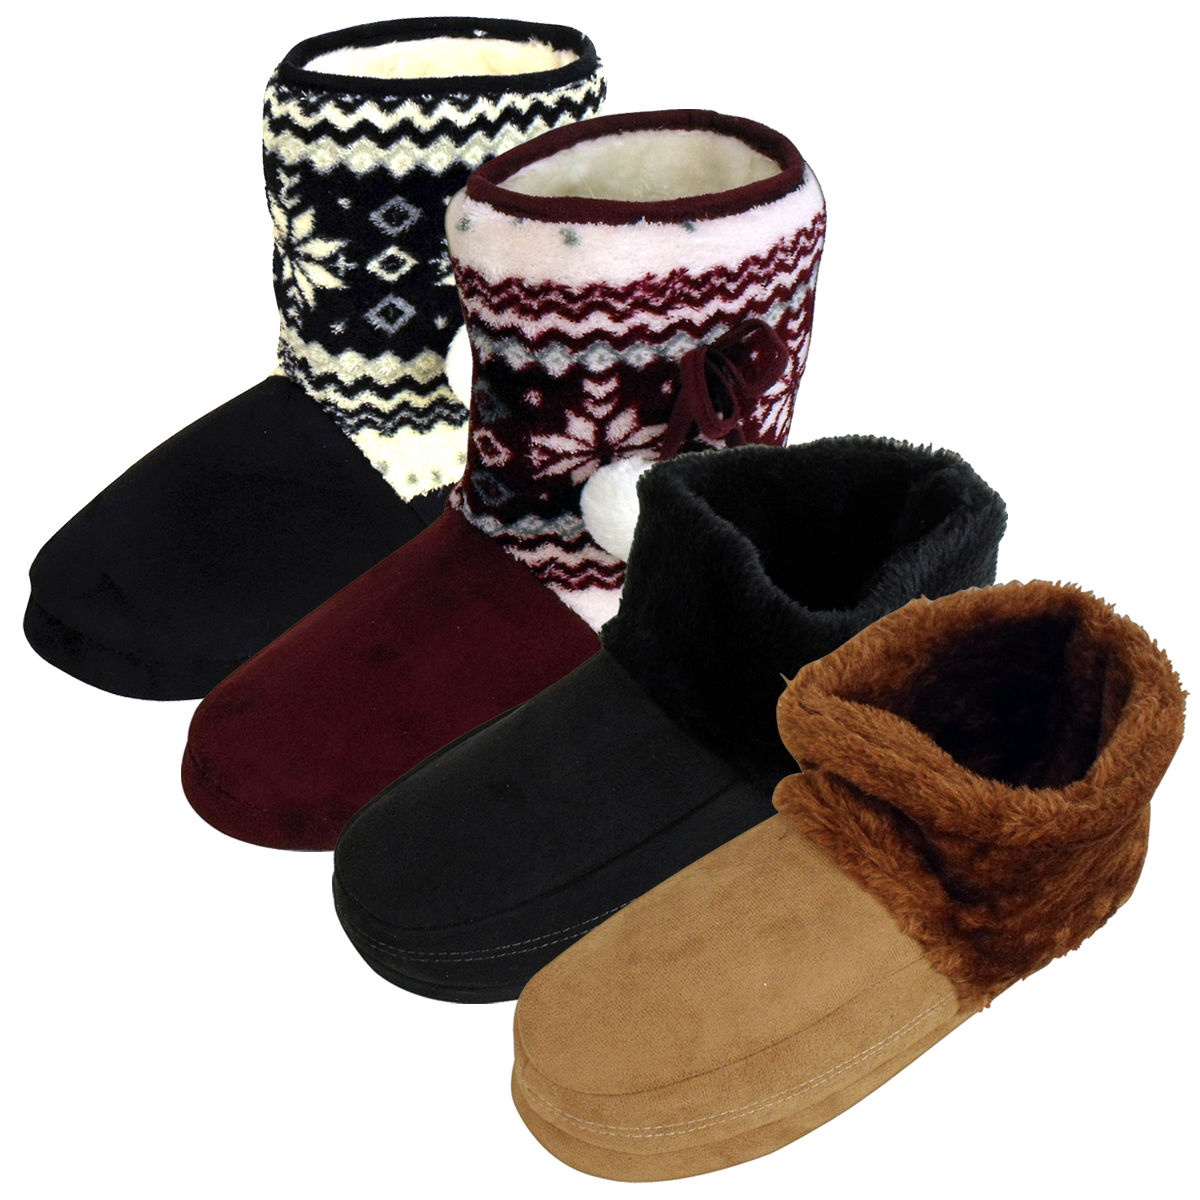 dopo genuino scarpe classiche Dettagli su Donna Uomo dunlop Furry Stivaletto Pantofole a Scarponcino  Eskimo